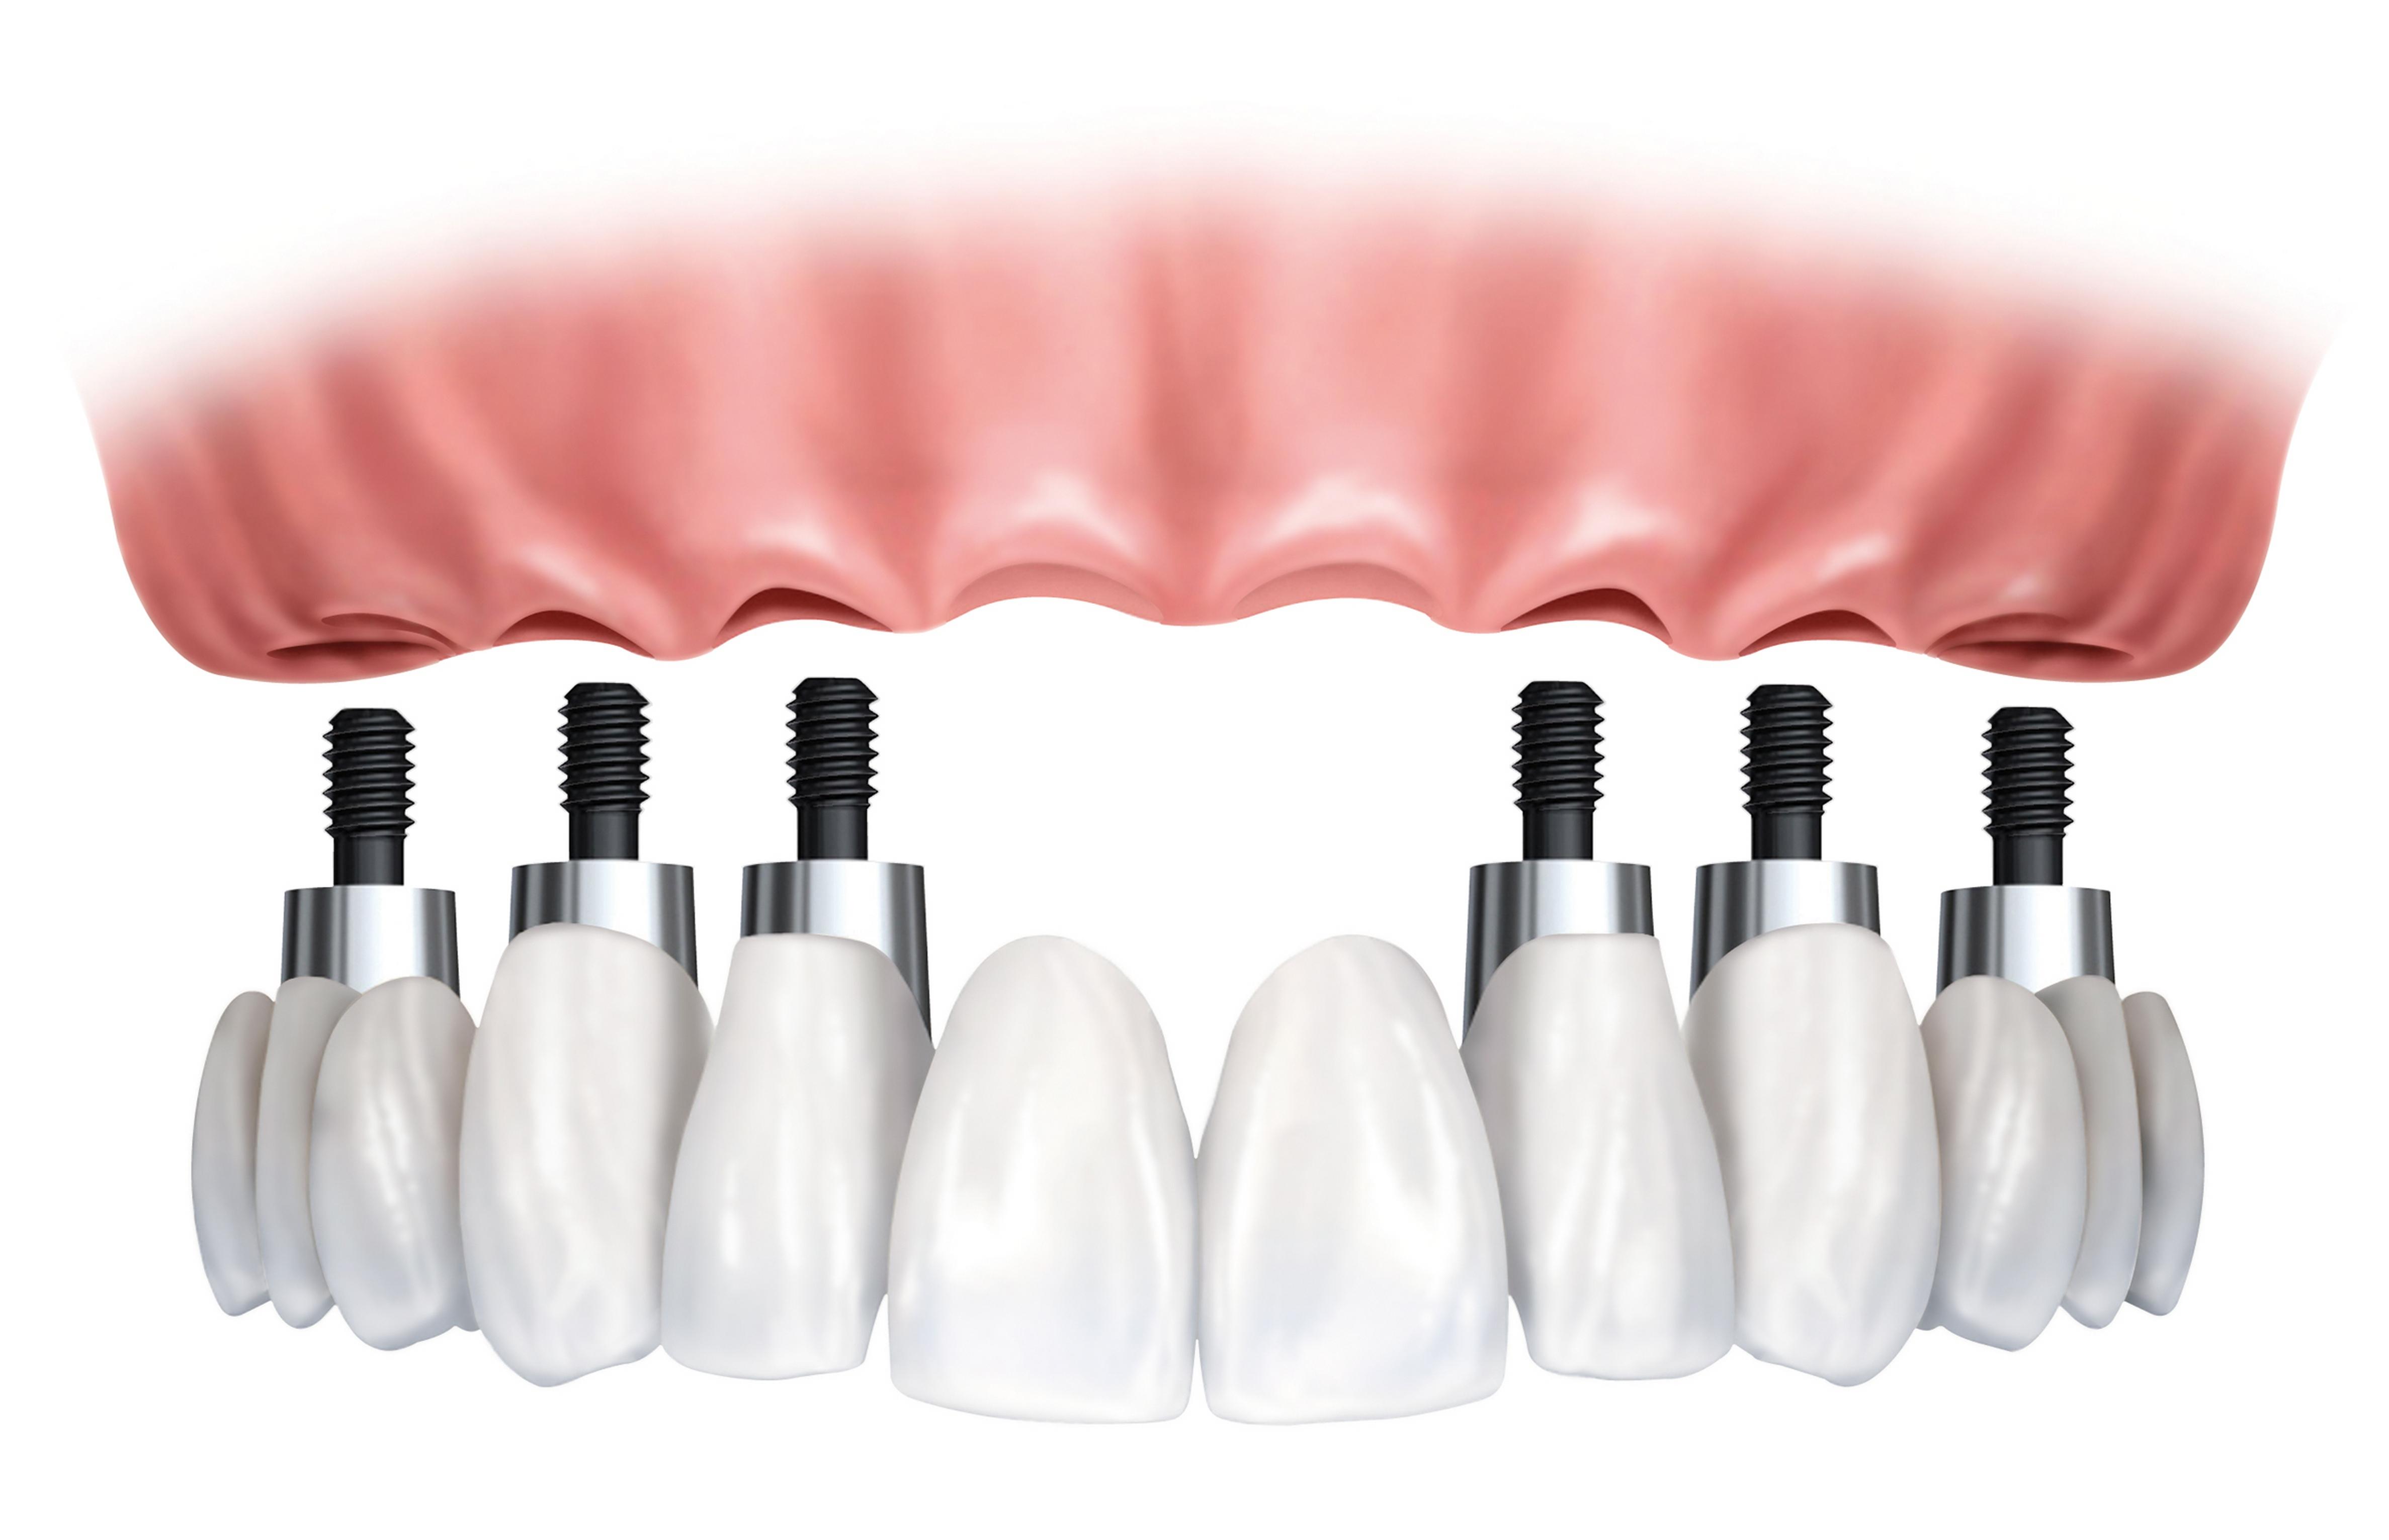 implant-bridge-and-crowns.jpg